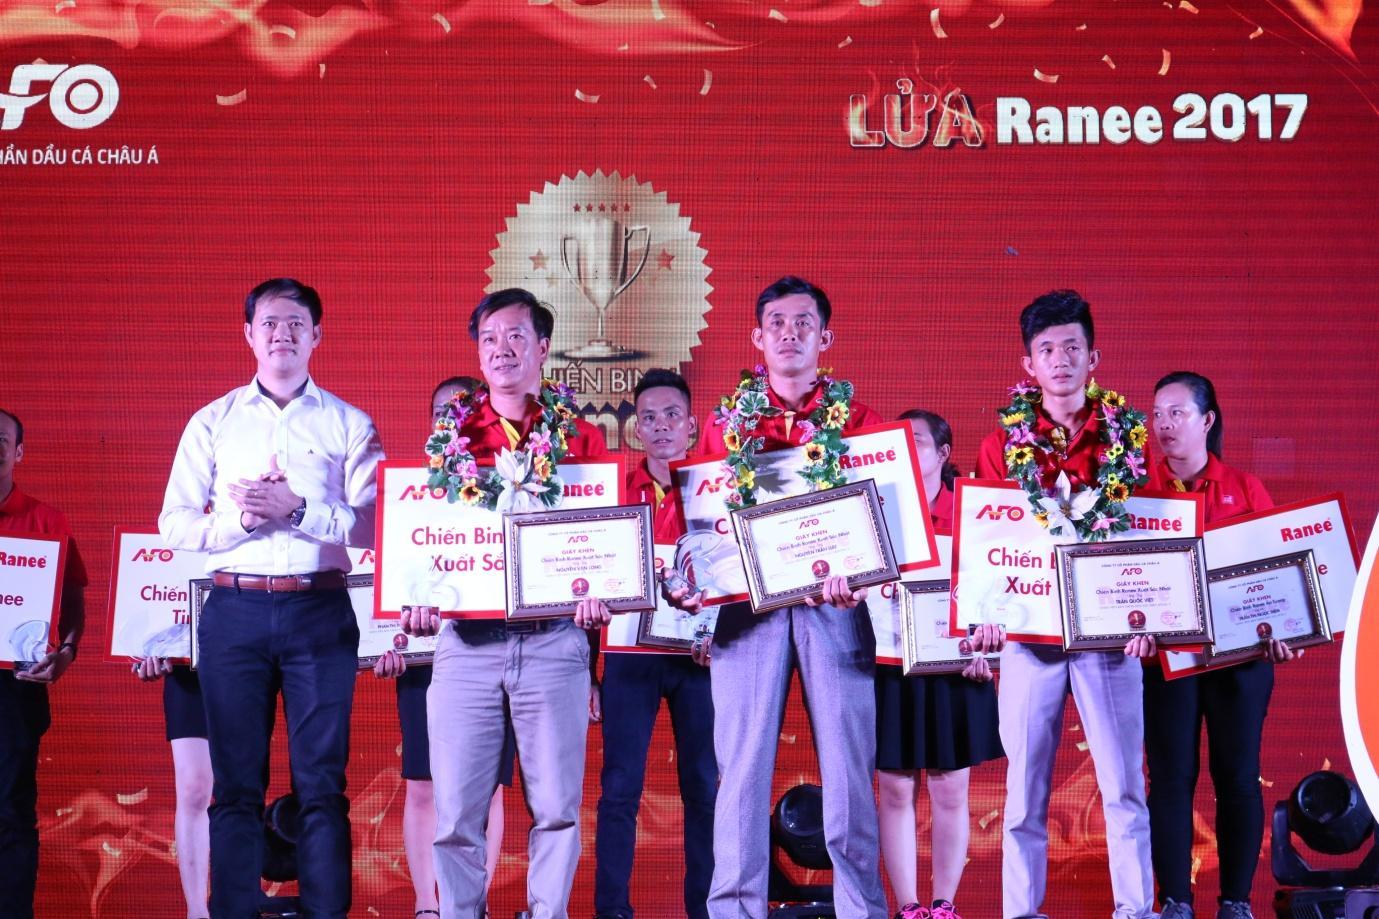 Description: Ông Lê Văn Chính - Tổng Giám đốc Công ty AFO trao giải Chiến binh Ranee cho các nhân viên bán hàng xuất sắc.JPG